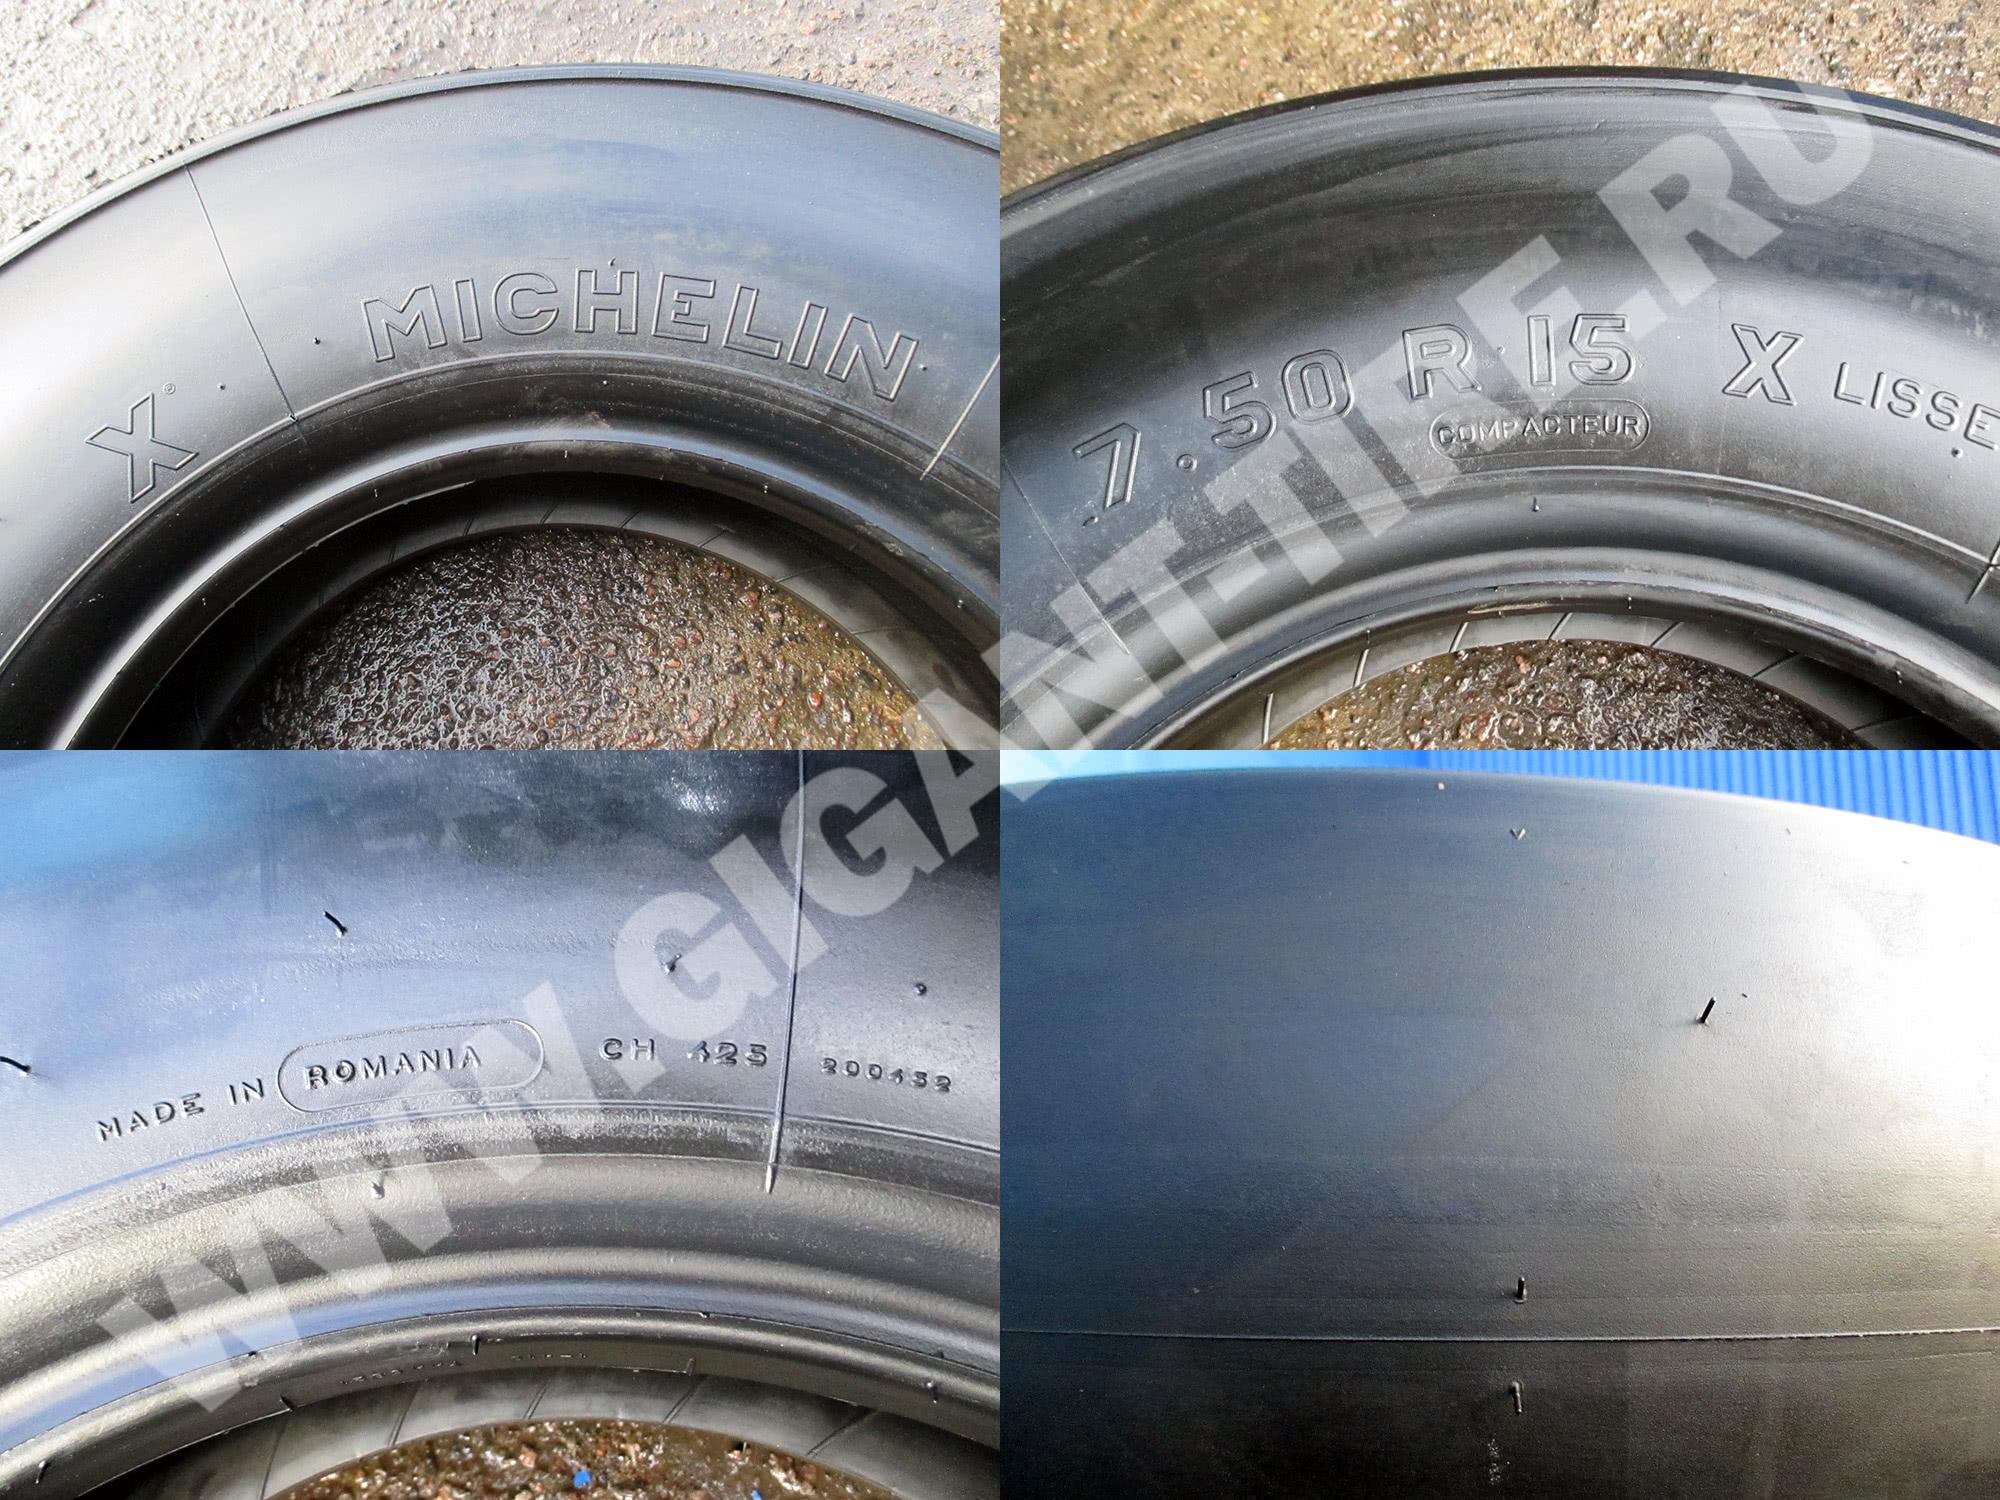 Внешний вид новых шин Michelin XLC 7.50 R15 для дорожных катков